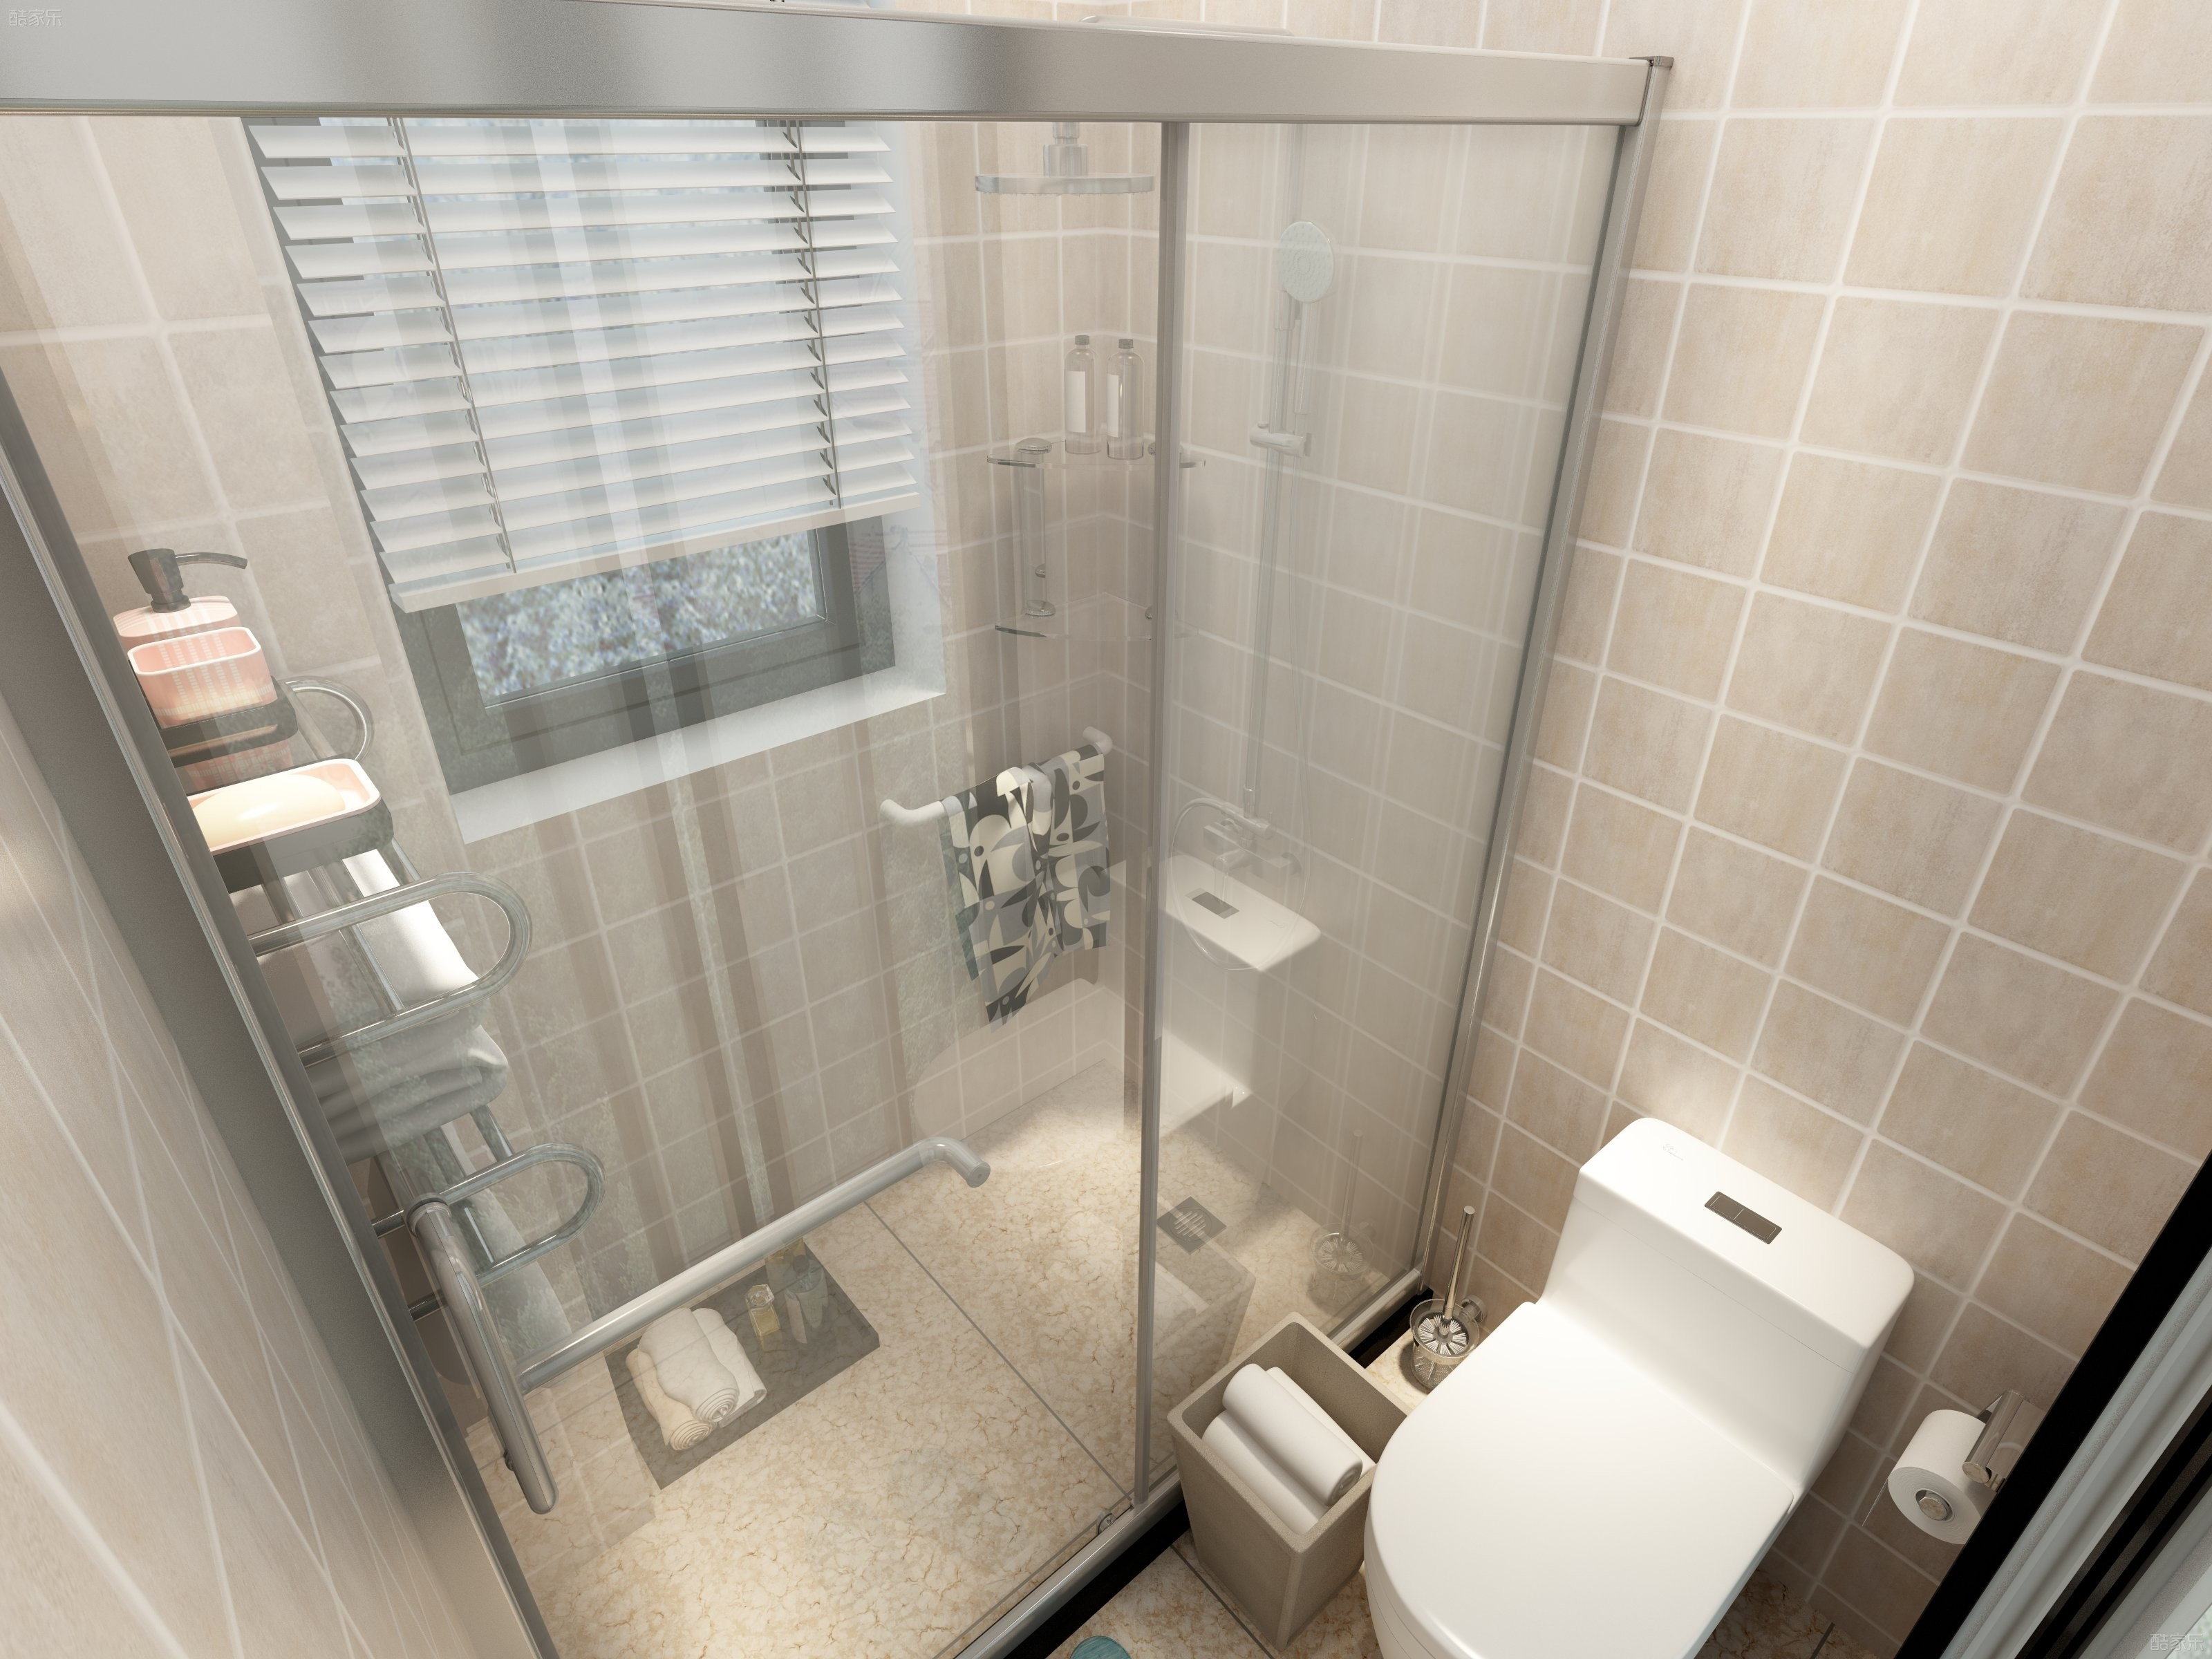 厕所 家居 设计 卫生间 卫生间装修 装修 3200_2400